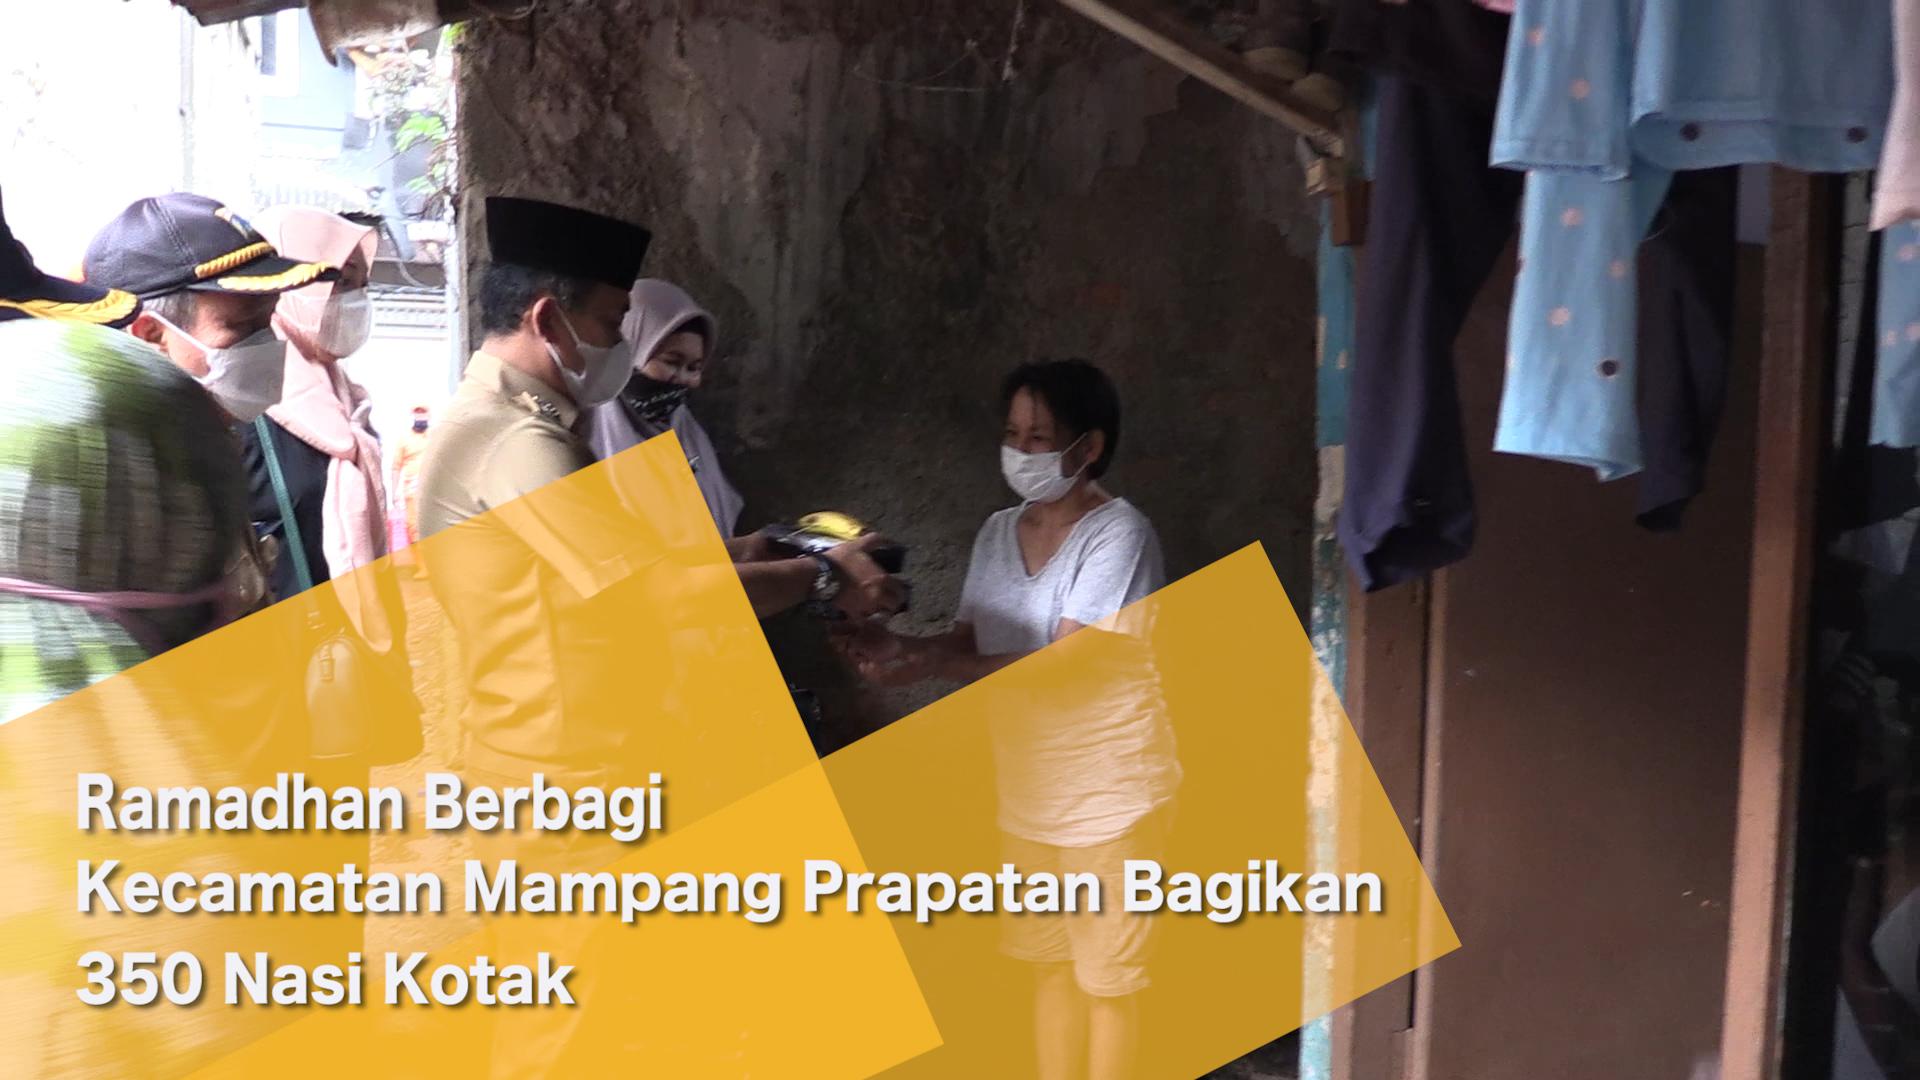 Ramadhan Berbagi, Kecamatan Mampang Prapatan Bagikan 350 Nasi Kotak